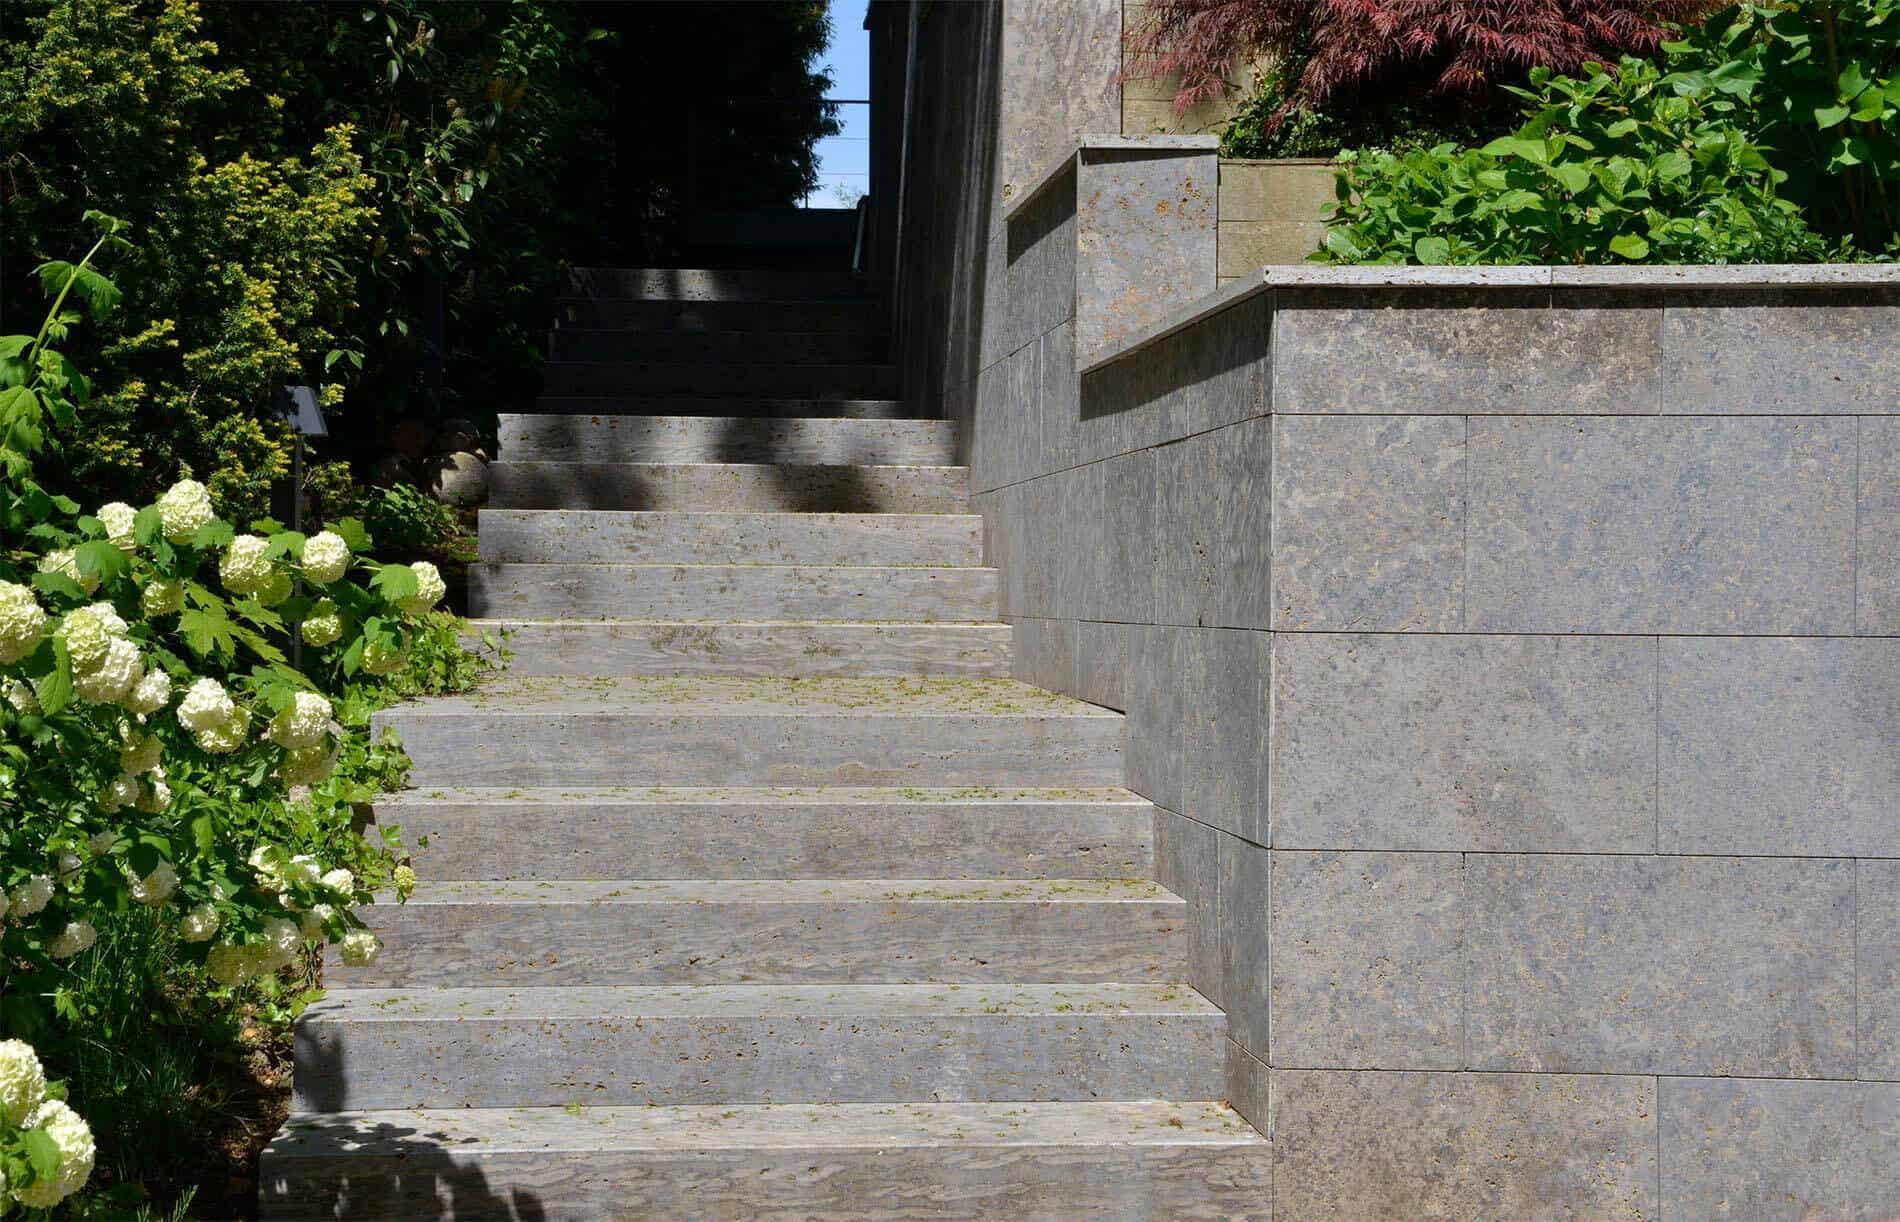 Steintreppe mit passend verkleideter Mauer